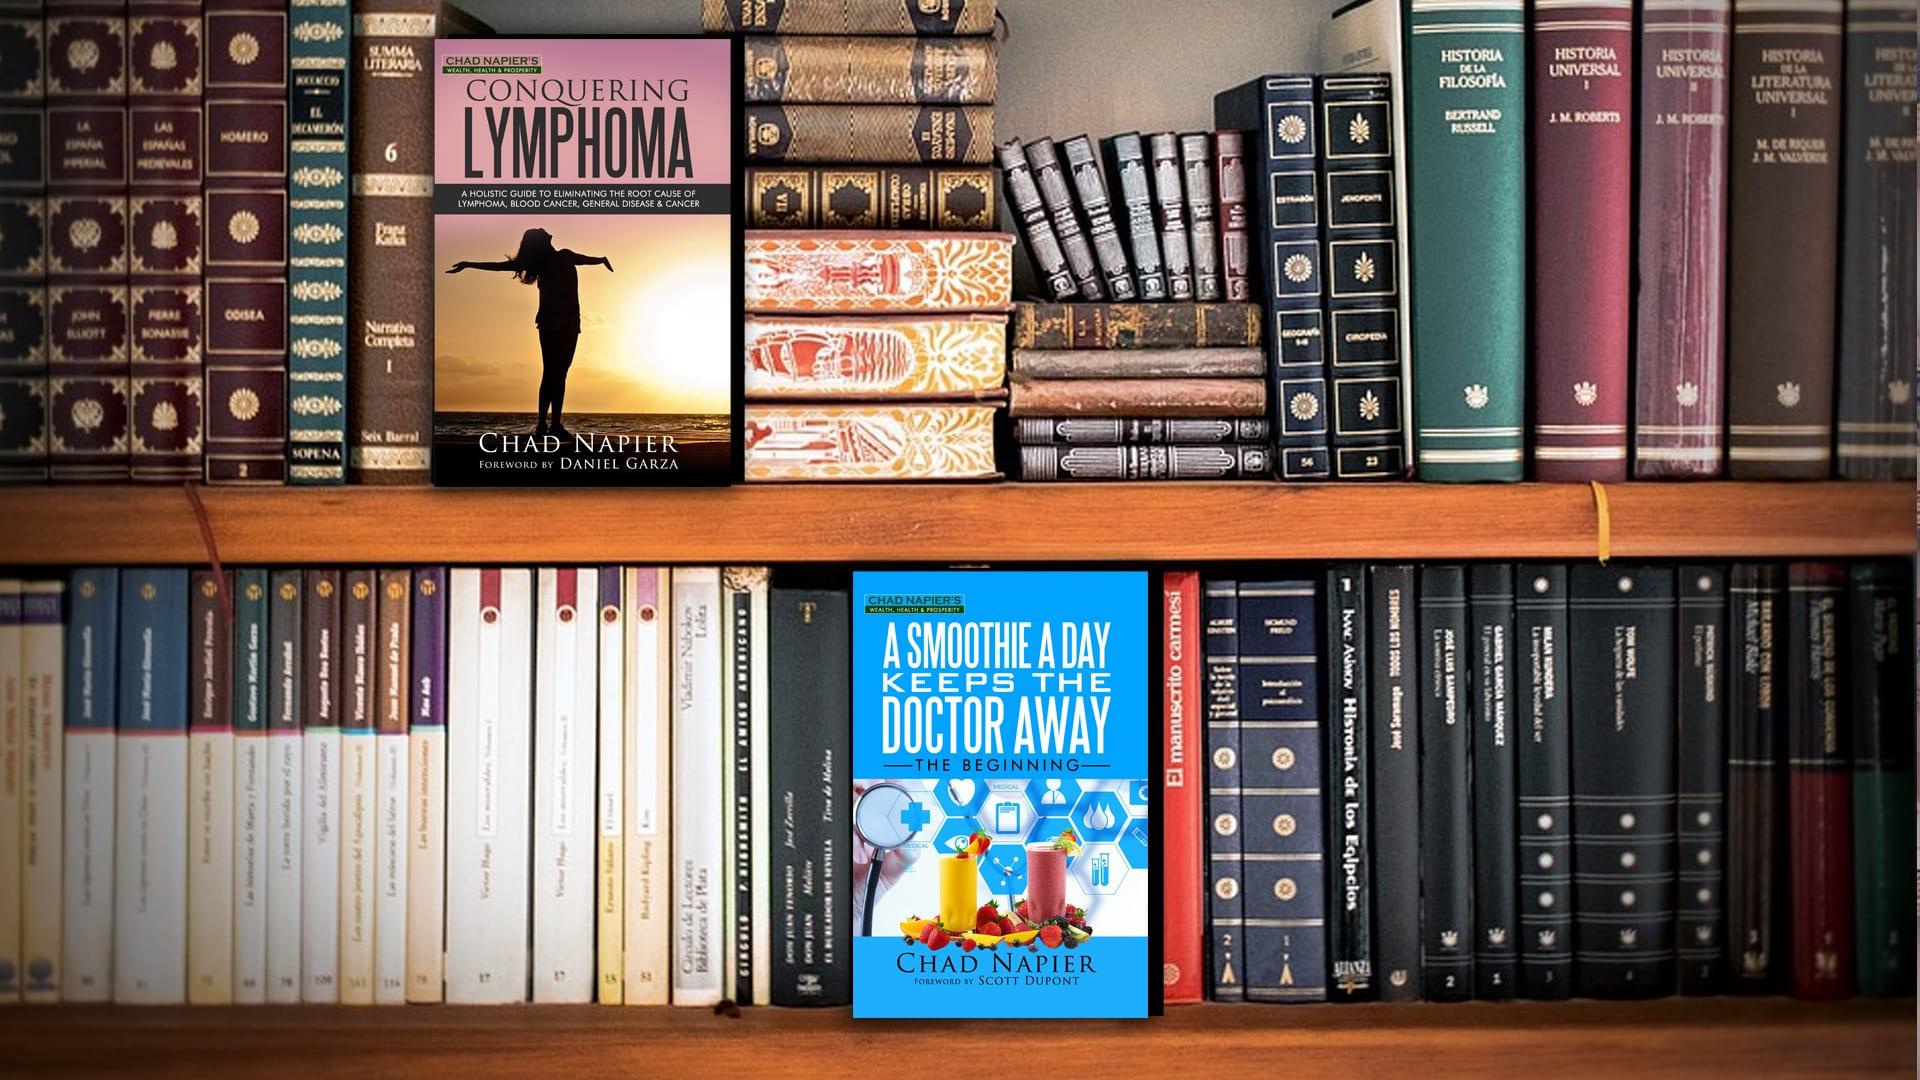 picture of a book shelf